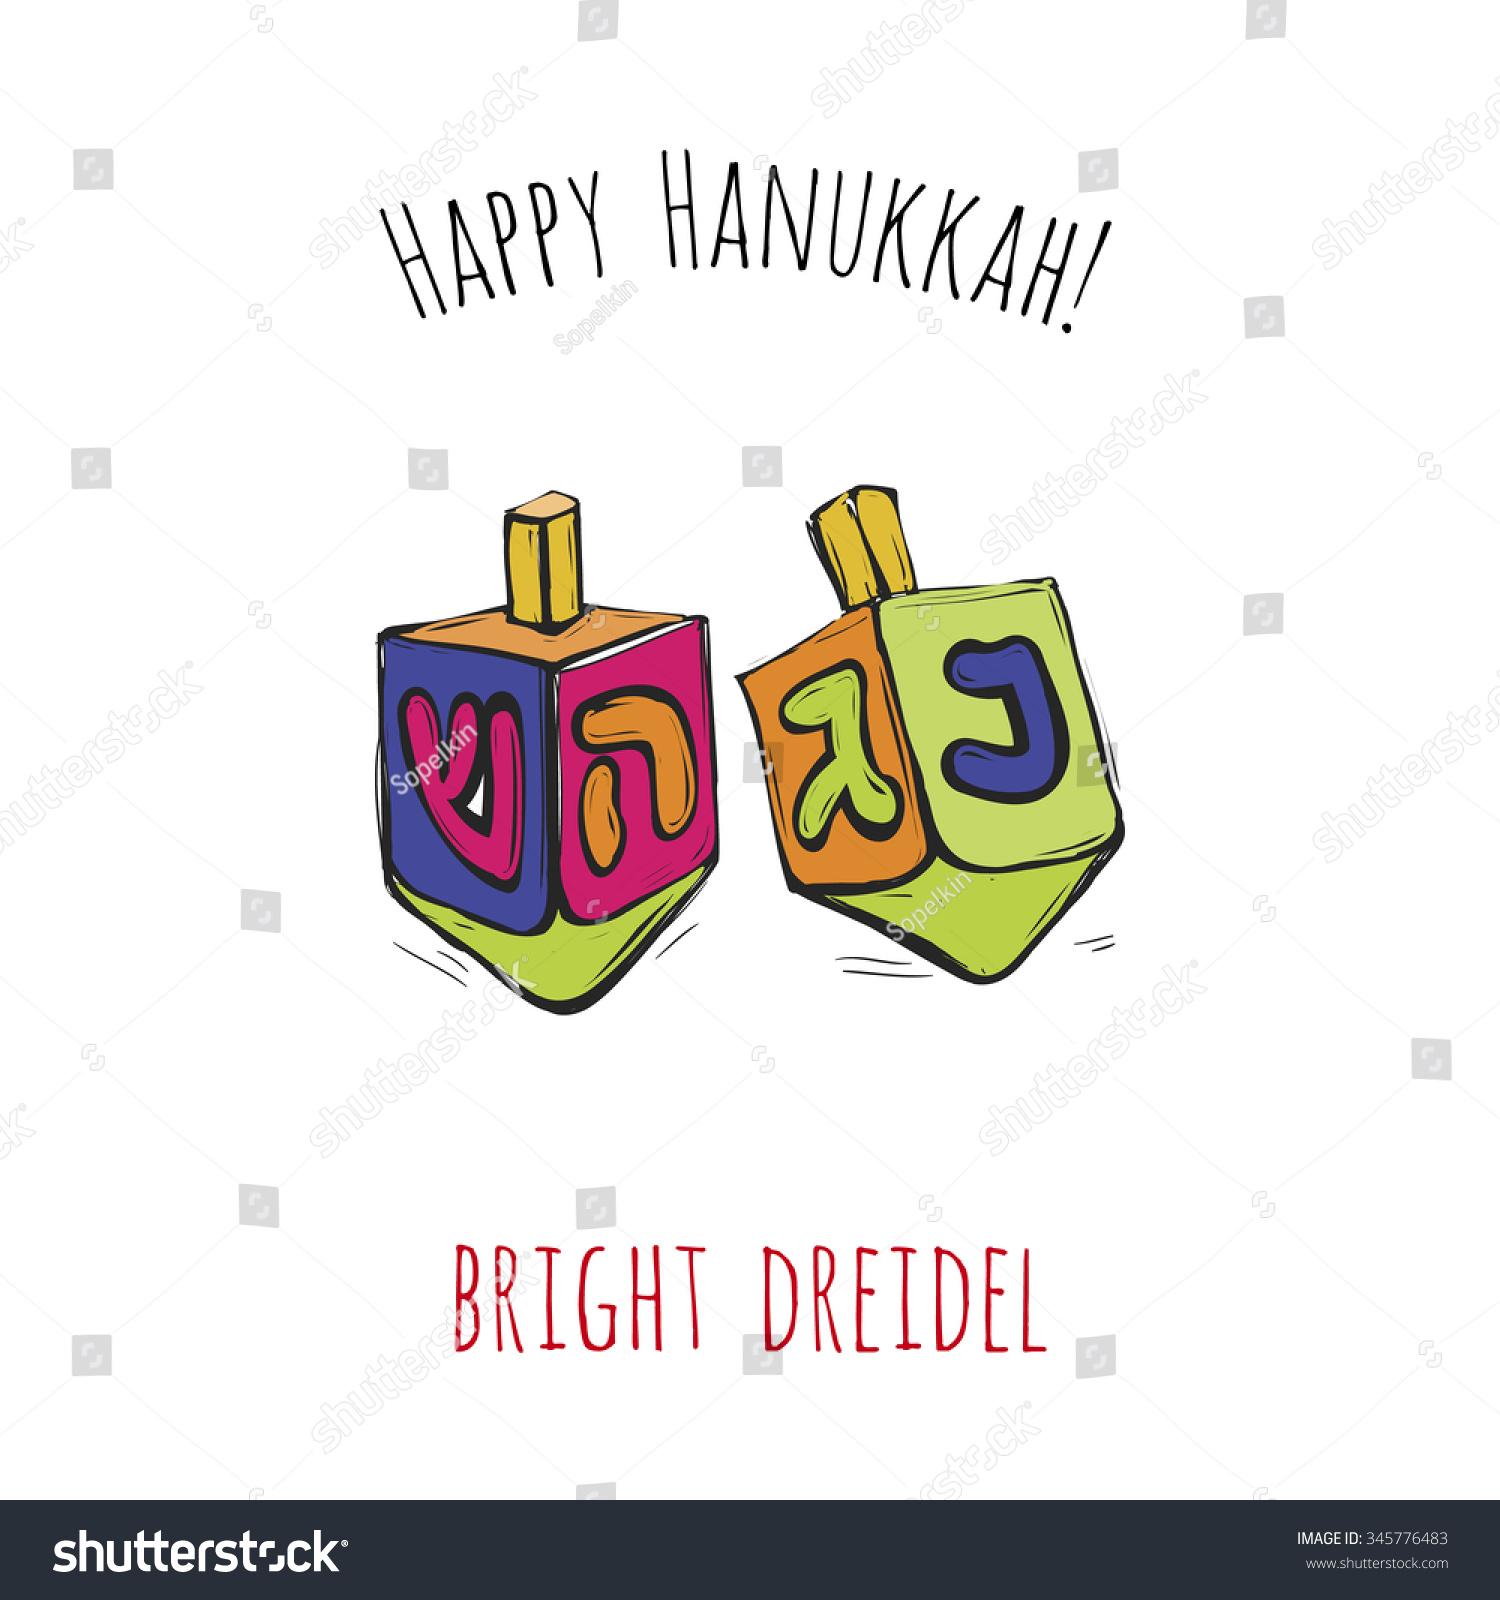 Happy Hanukkah Bright Dreidel Symbol Hebrew Stock Vector Royalty